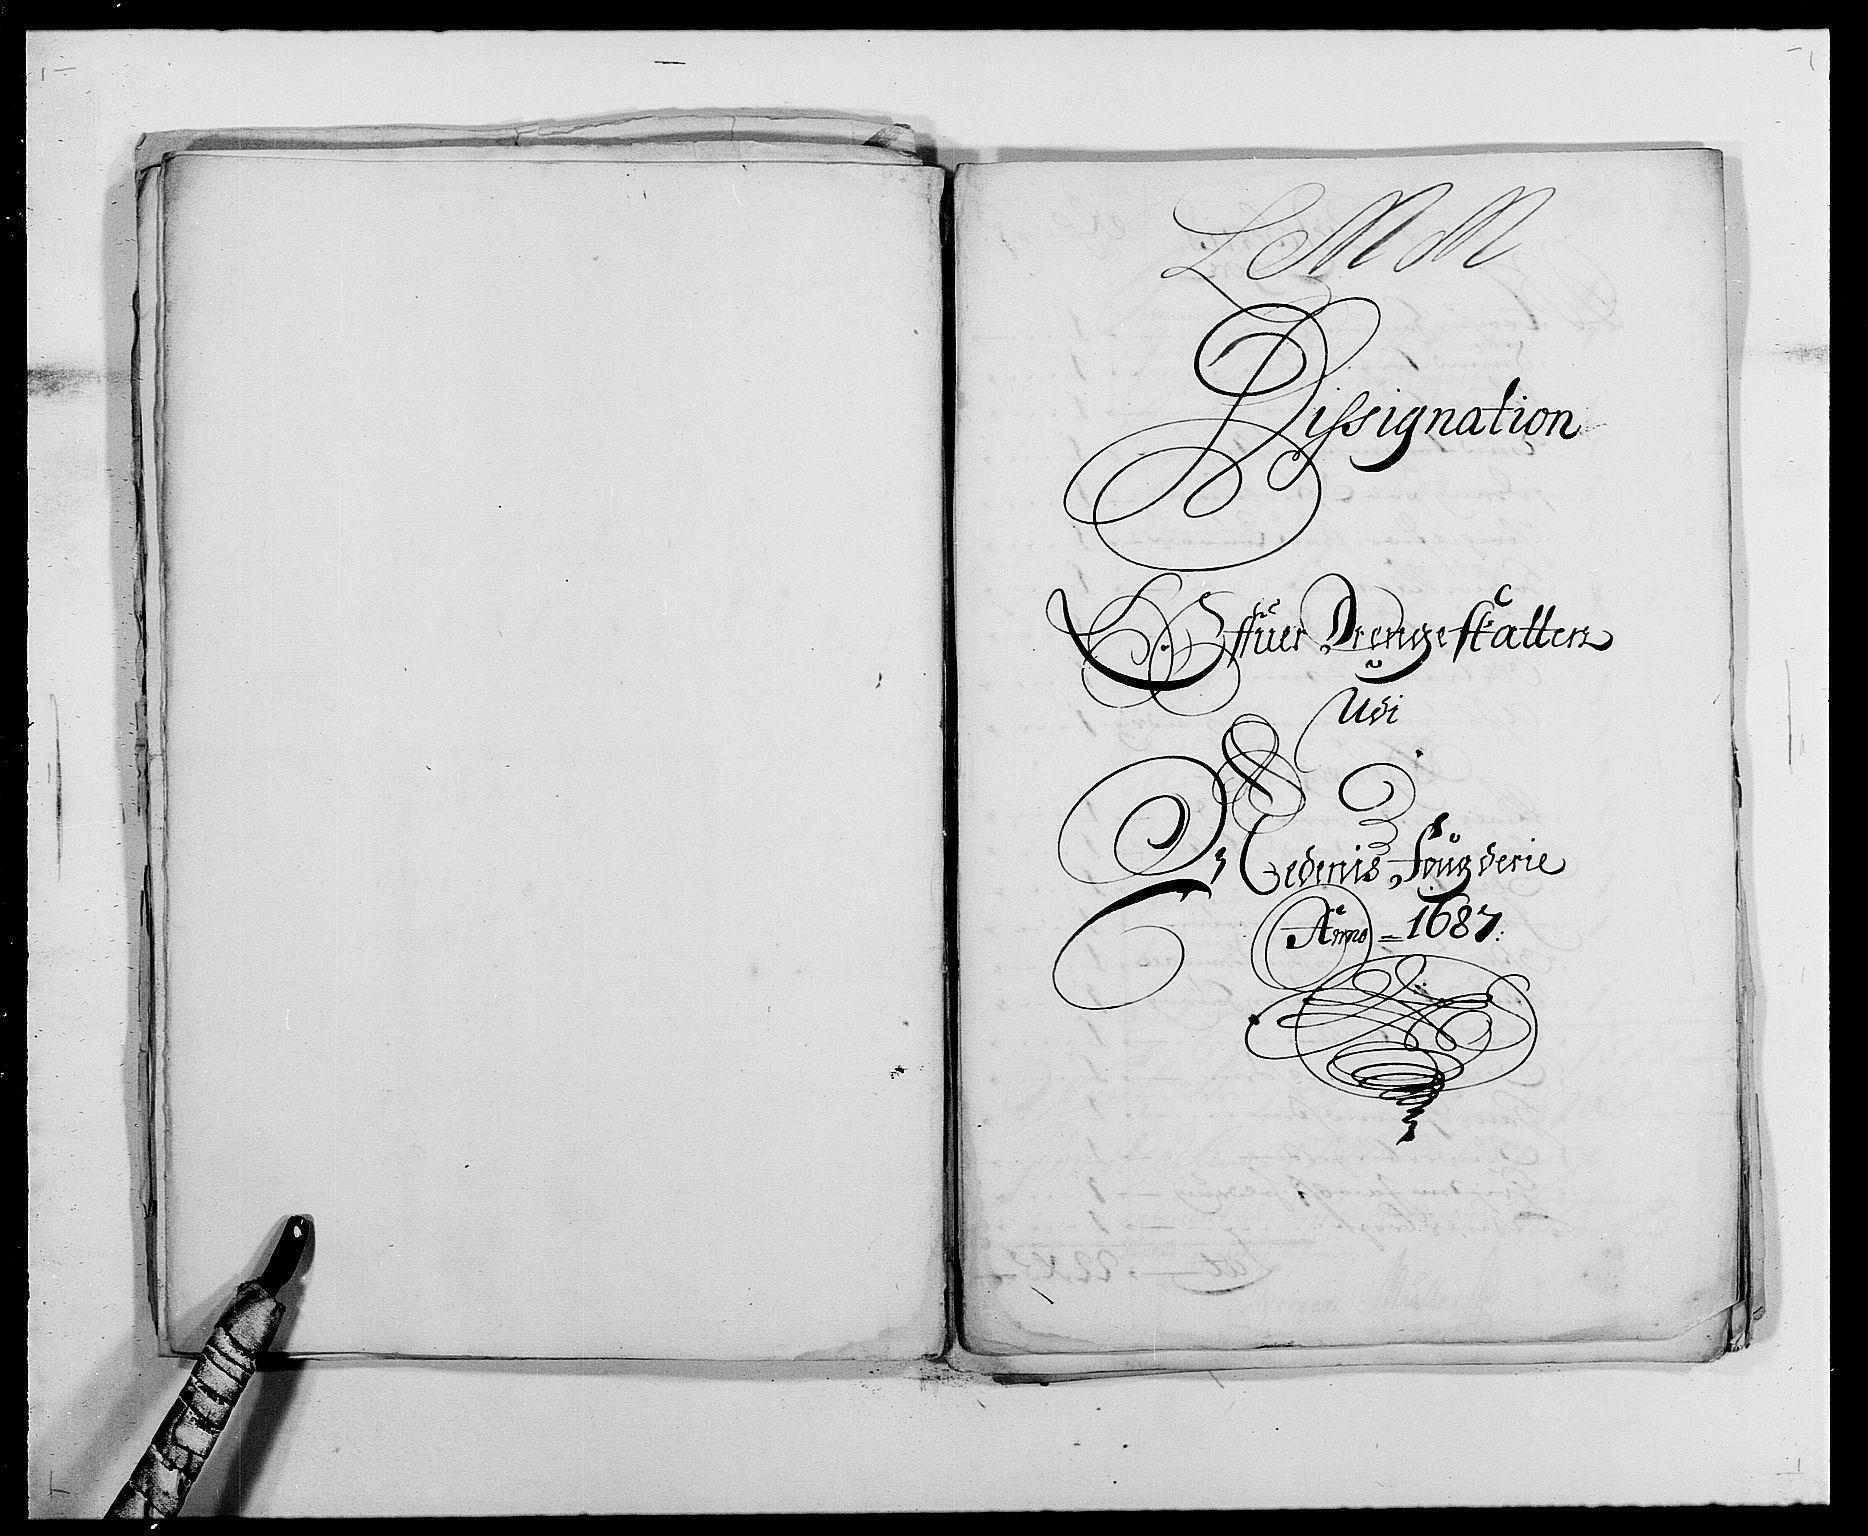 RA, Rentekammeret inntil 1814, Reviderte regnskaper, Fogderegnskap, R39/L2309: Fogderegnskap Nedenes, 1684-1689, s. 101